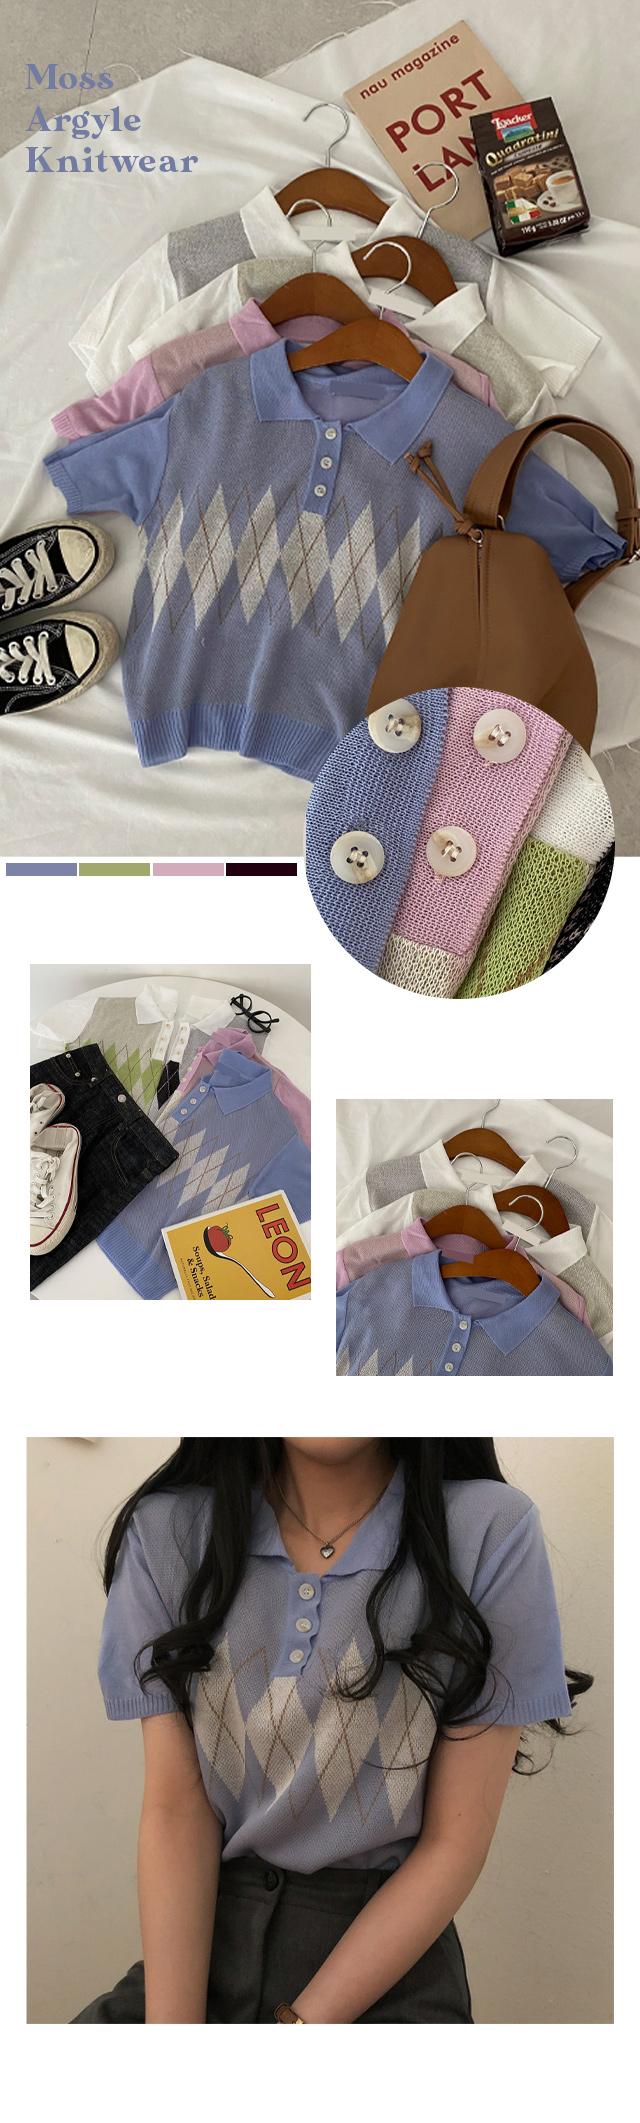 Moss Cara Argyle Short Sleeve Knitwear